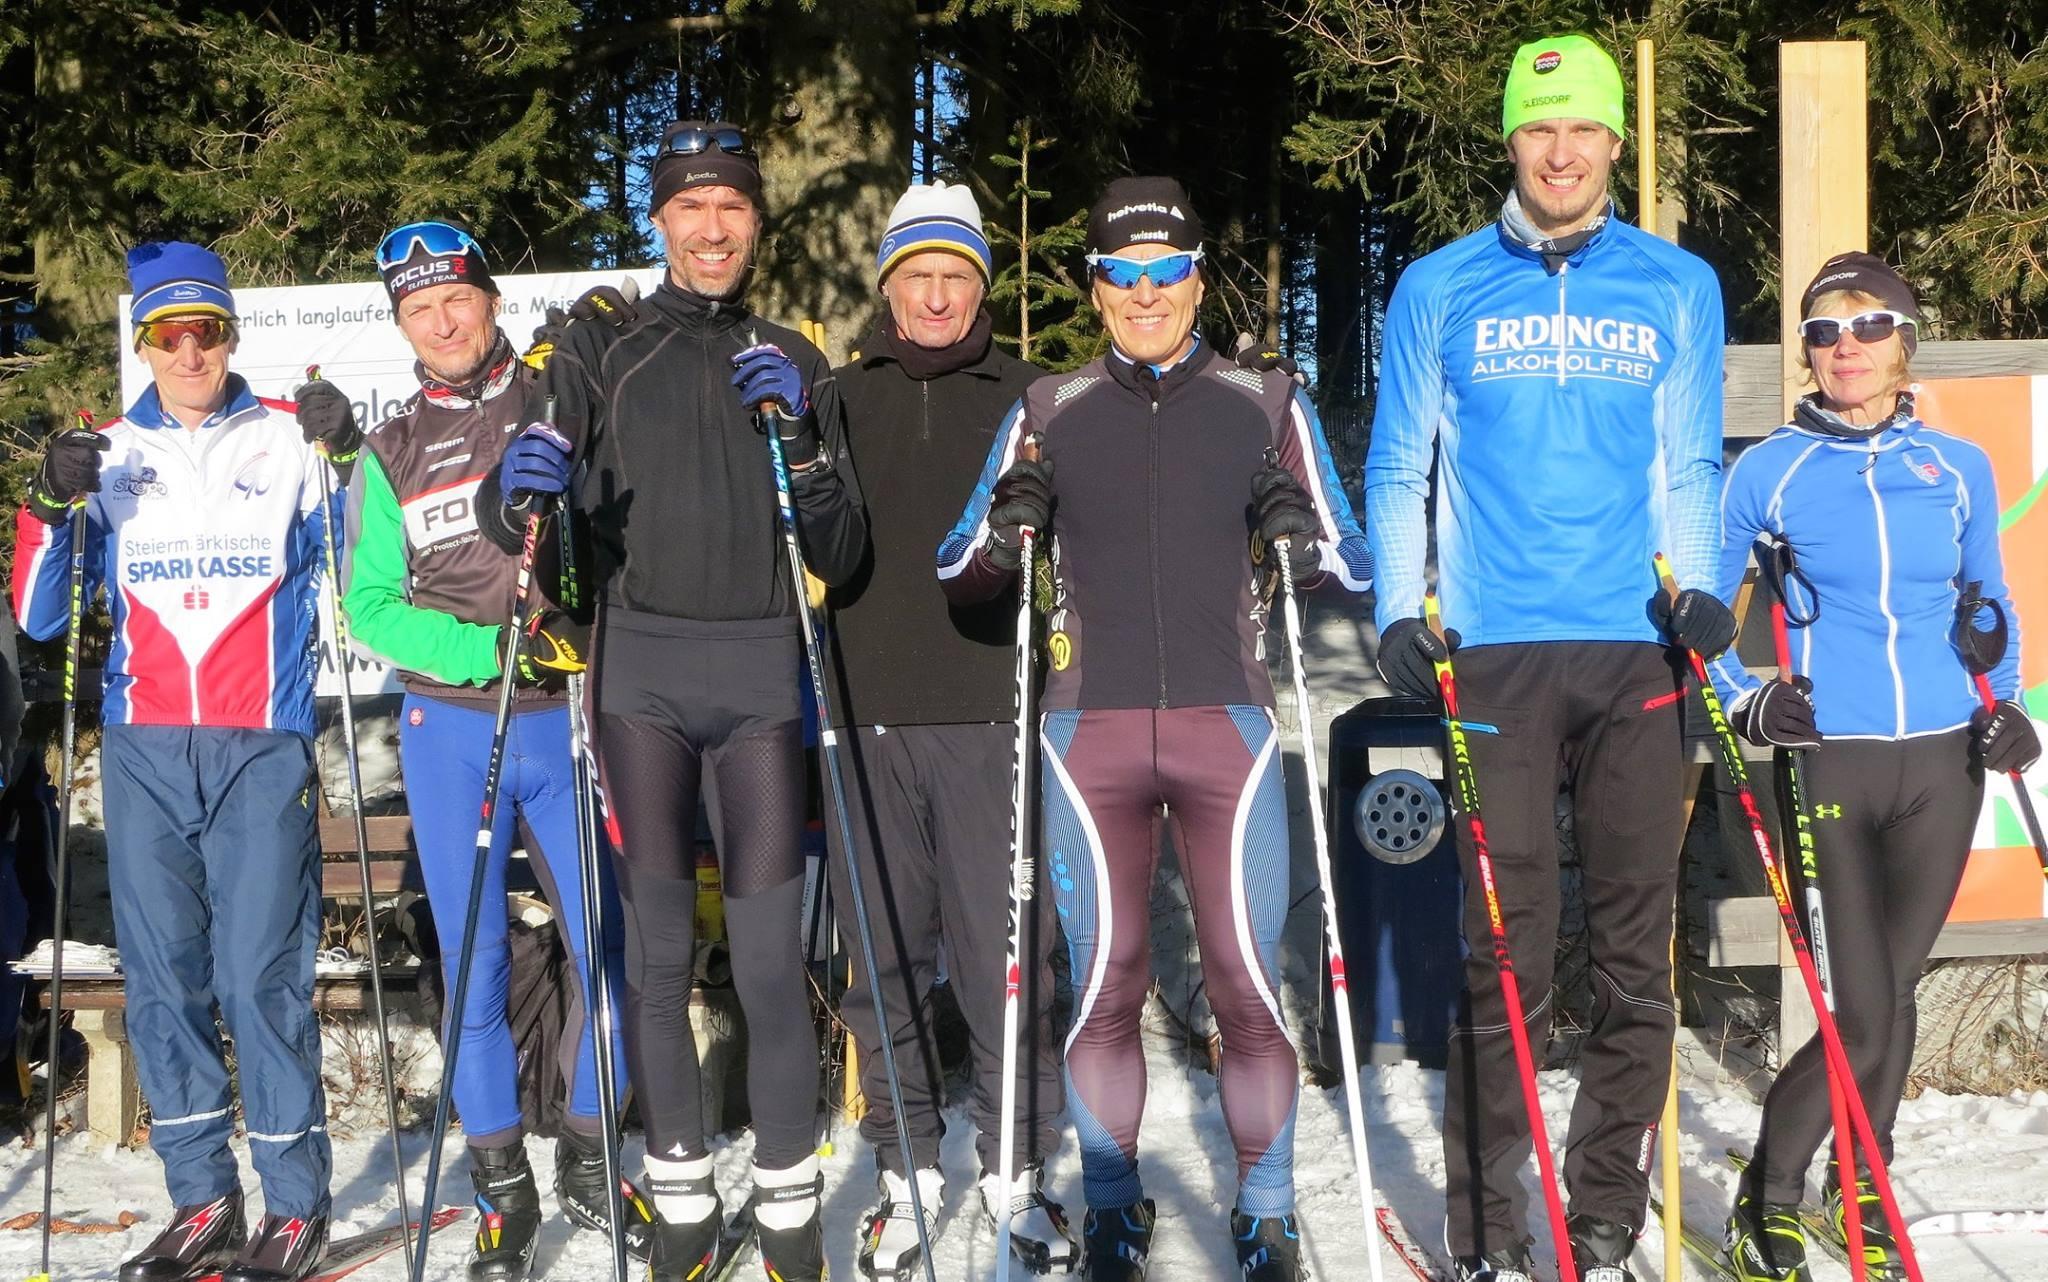 Allgemein Laufen Rennrad und MTB Triathlon -rtr-weiz-feature-sll-WWC 16/17 Skilanglauf